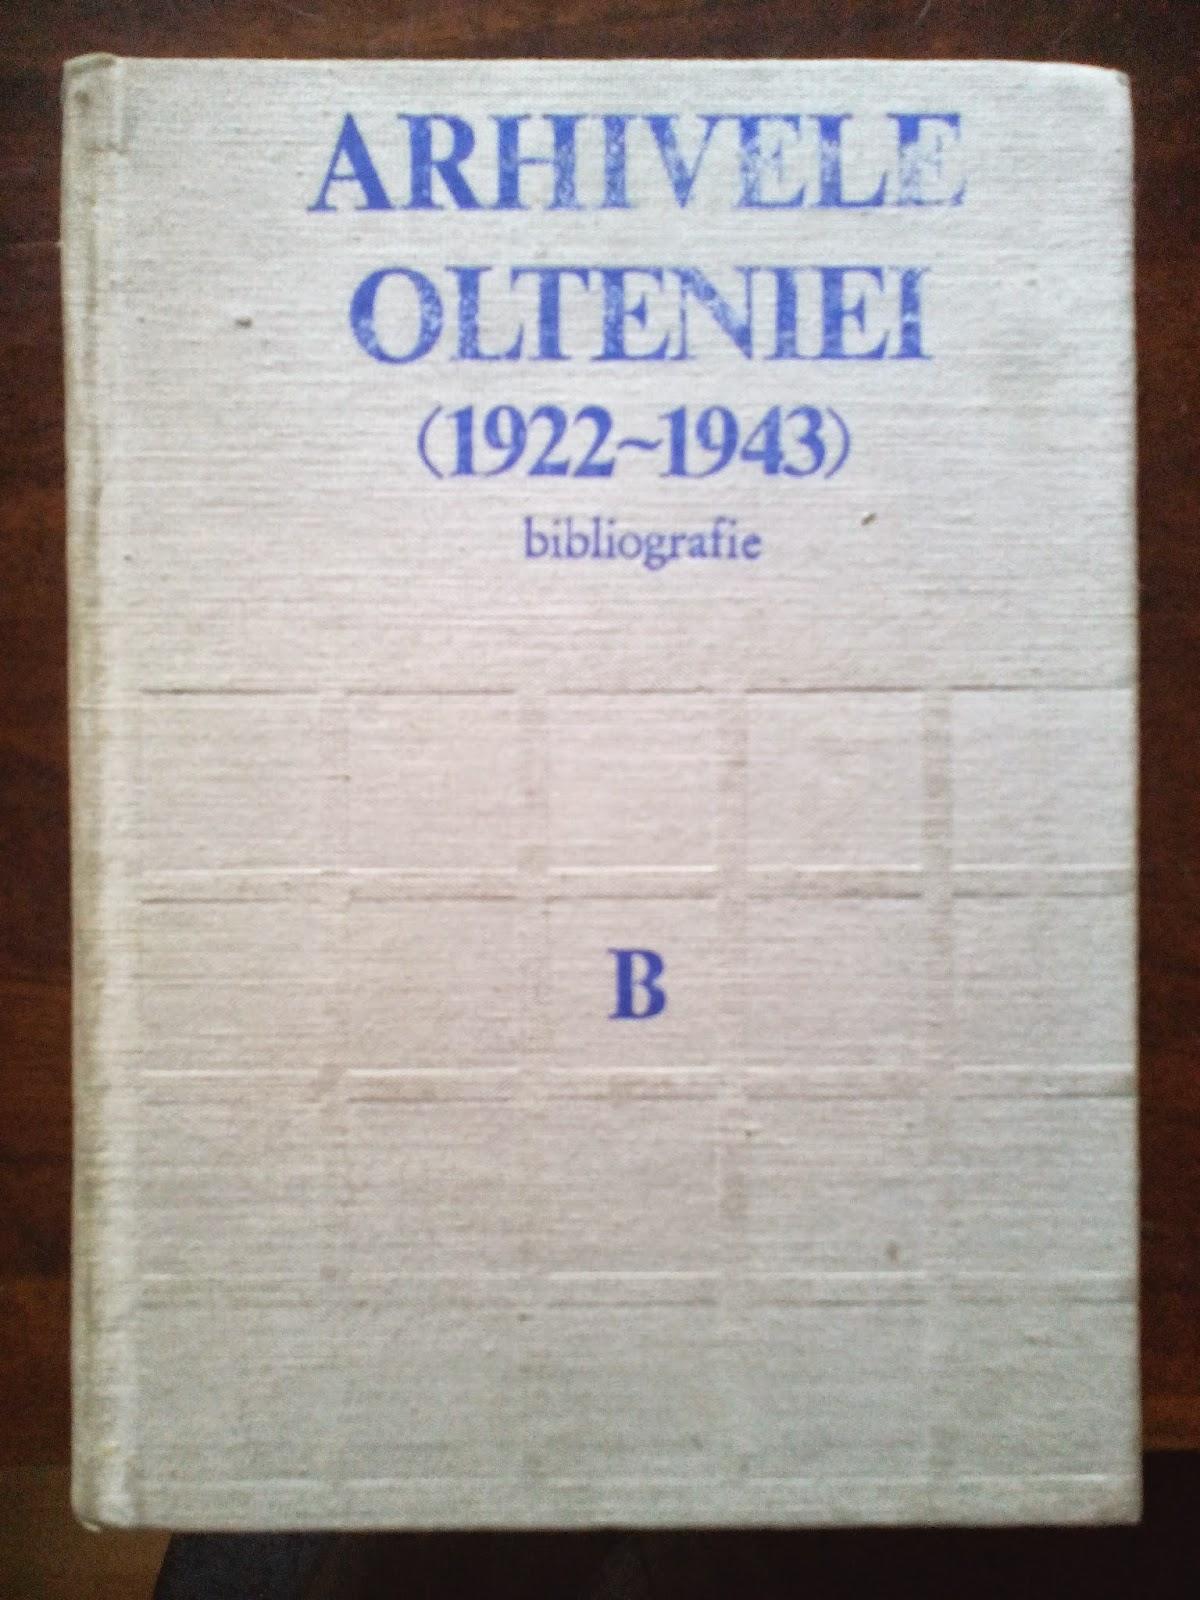 Tudor Nedelcea - Arhivele Olteniei(1922-1943) - Bibliografie